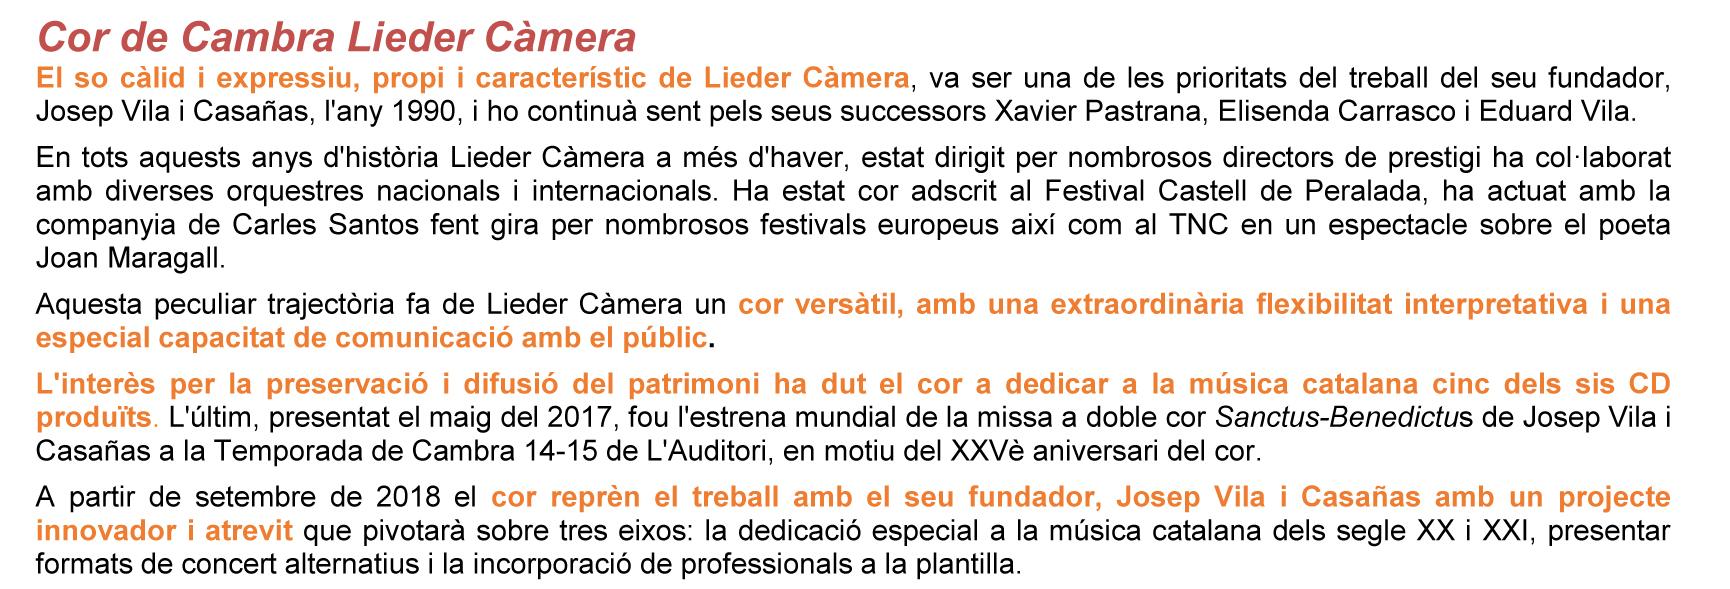 2020 6C Explicació Cor Lieder Càmera